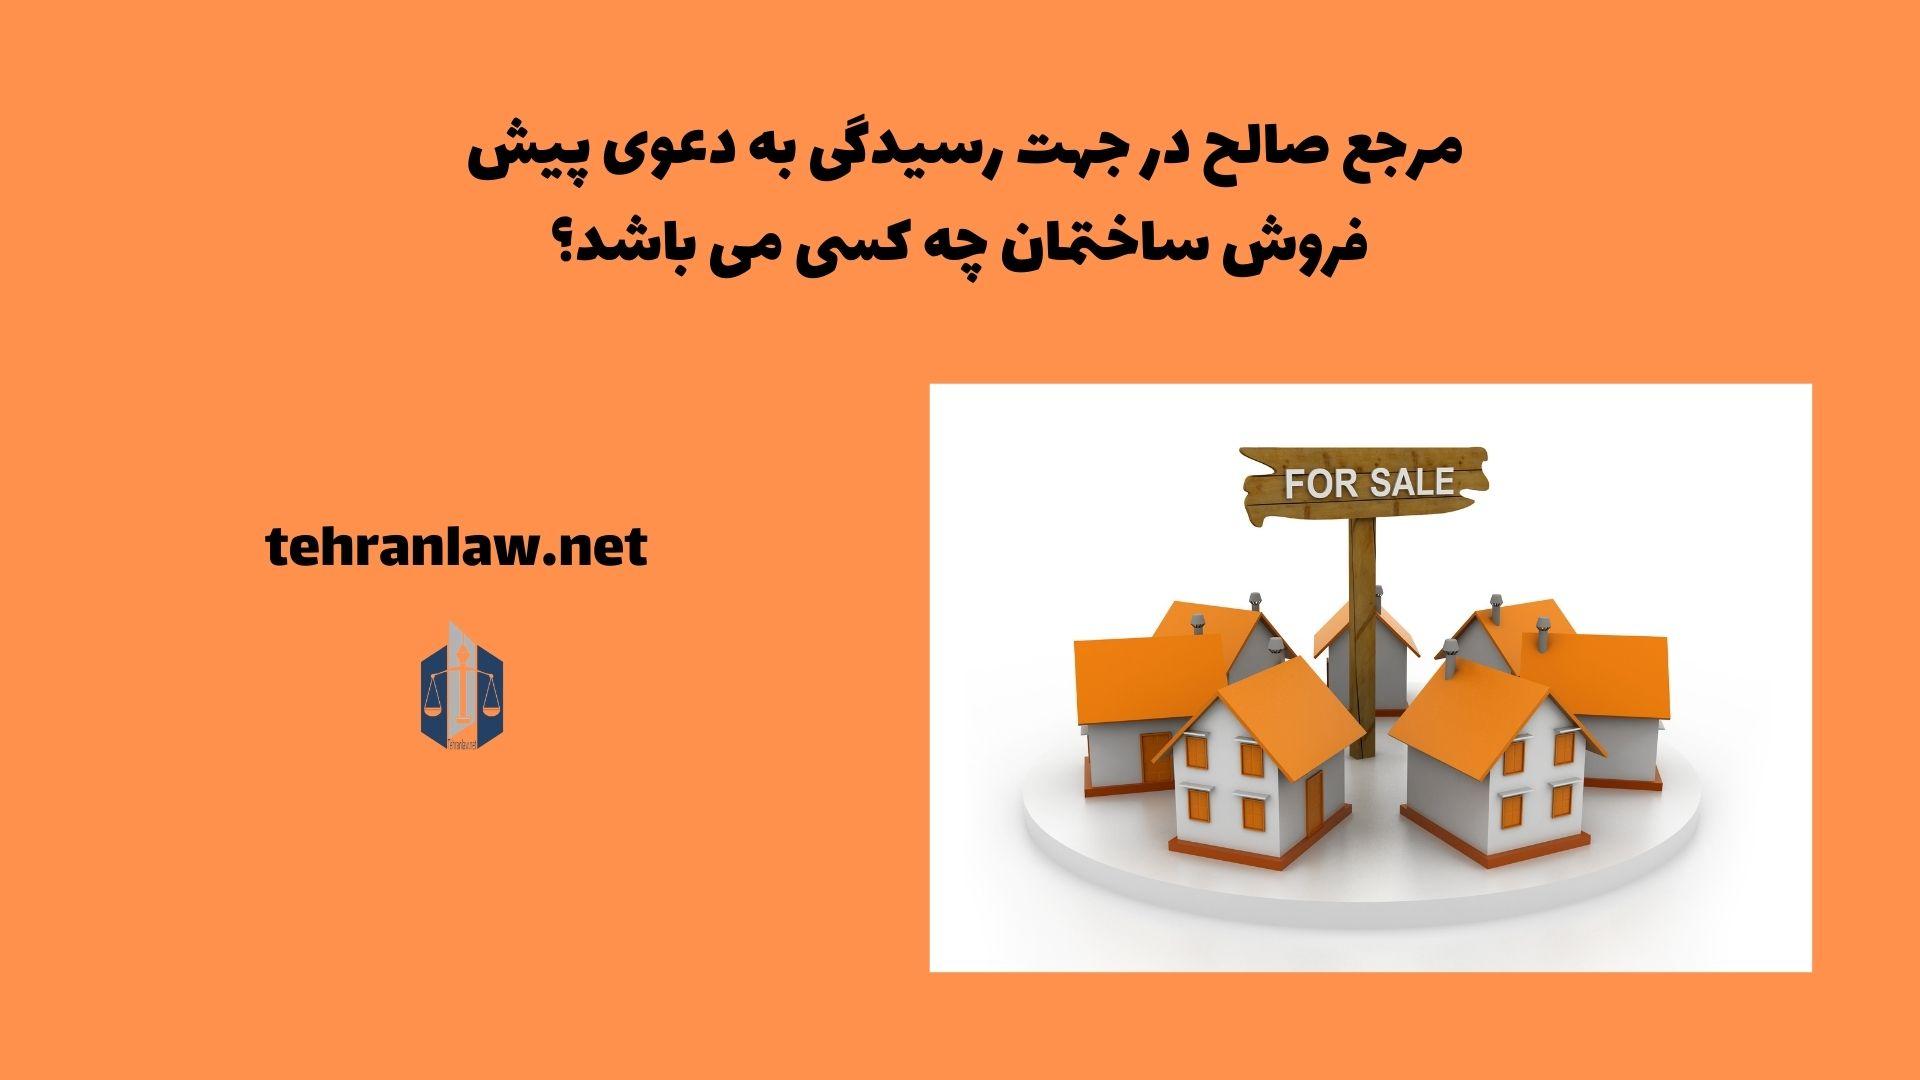 مرجع صالح در جهت رسیدگی به دعوی پیش فروش ساختمان چه کسی می باشد؟